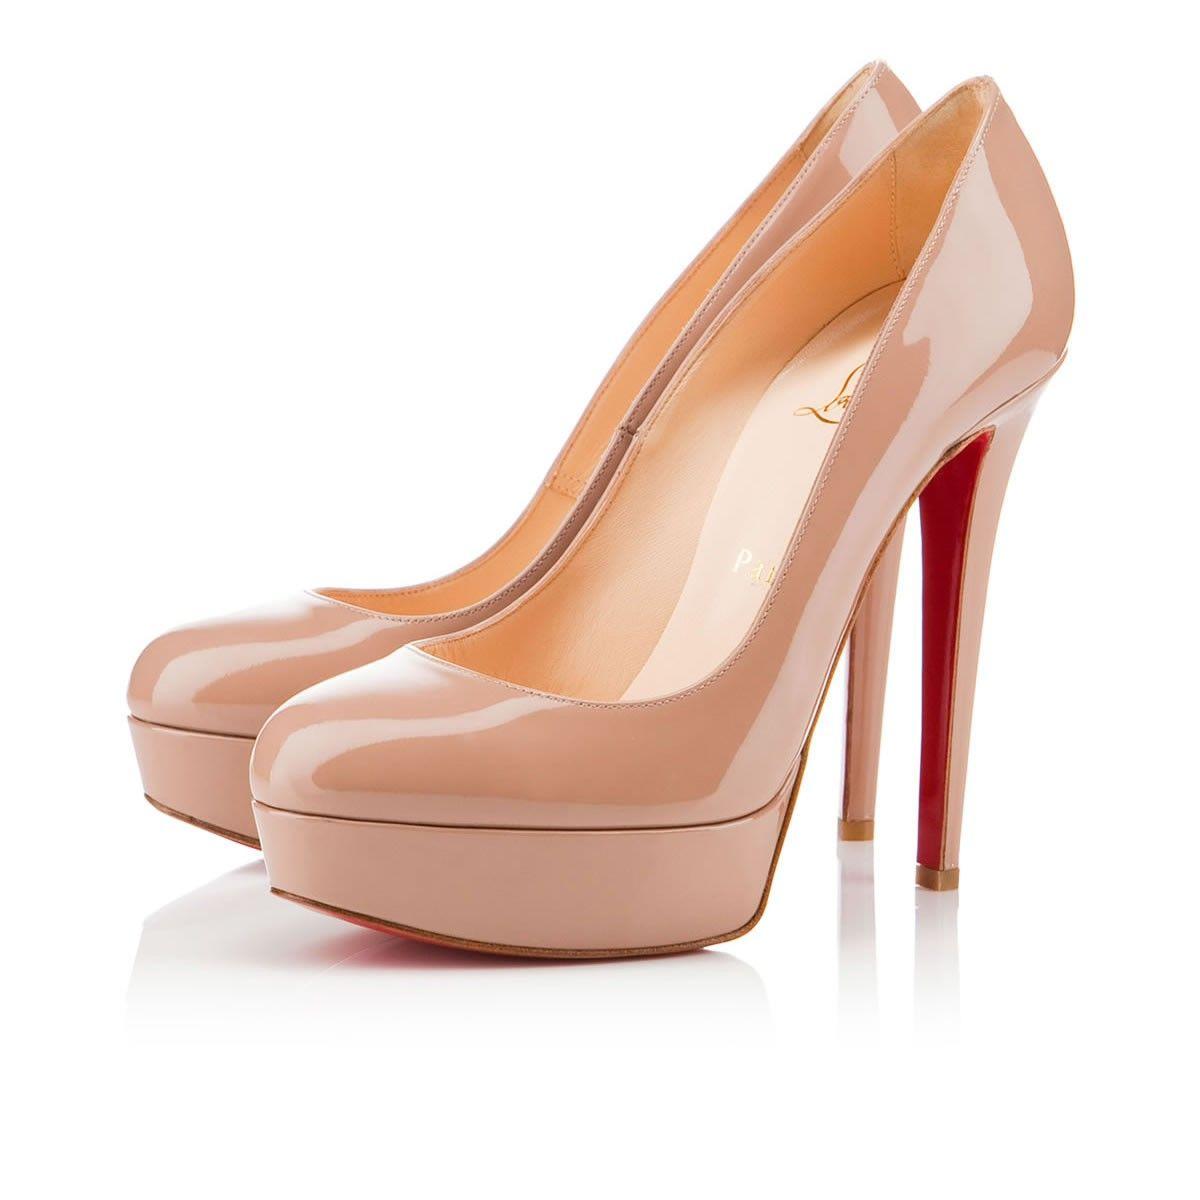 chaussures à talon, couleur nude, semelles compensées (Louboutin ... e9e80197d8b1